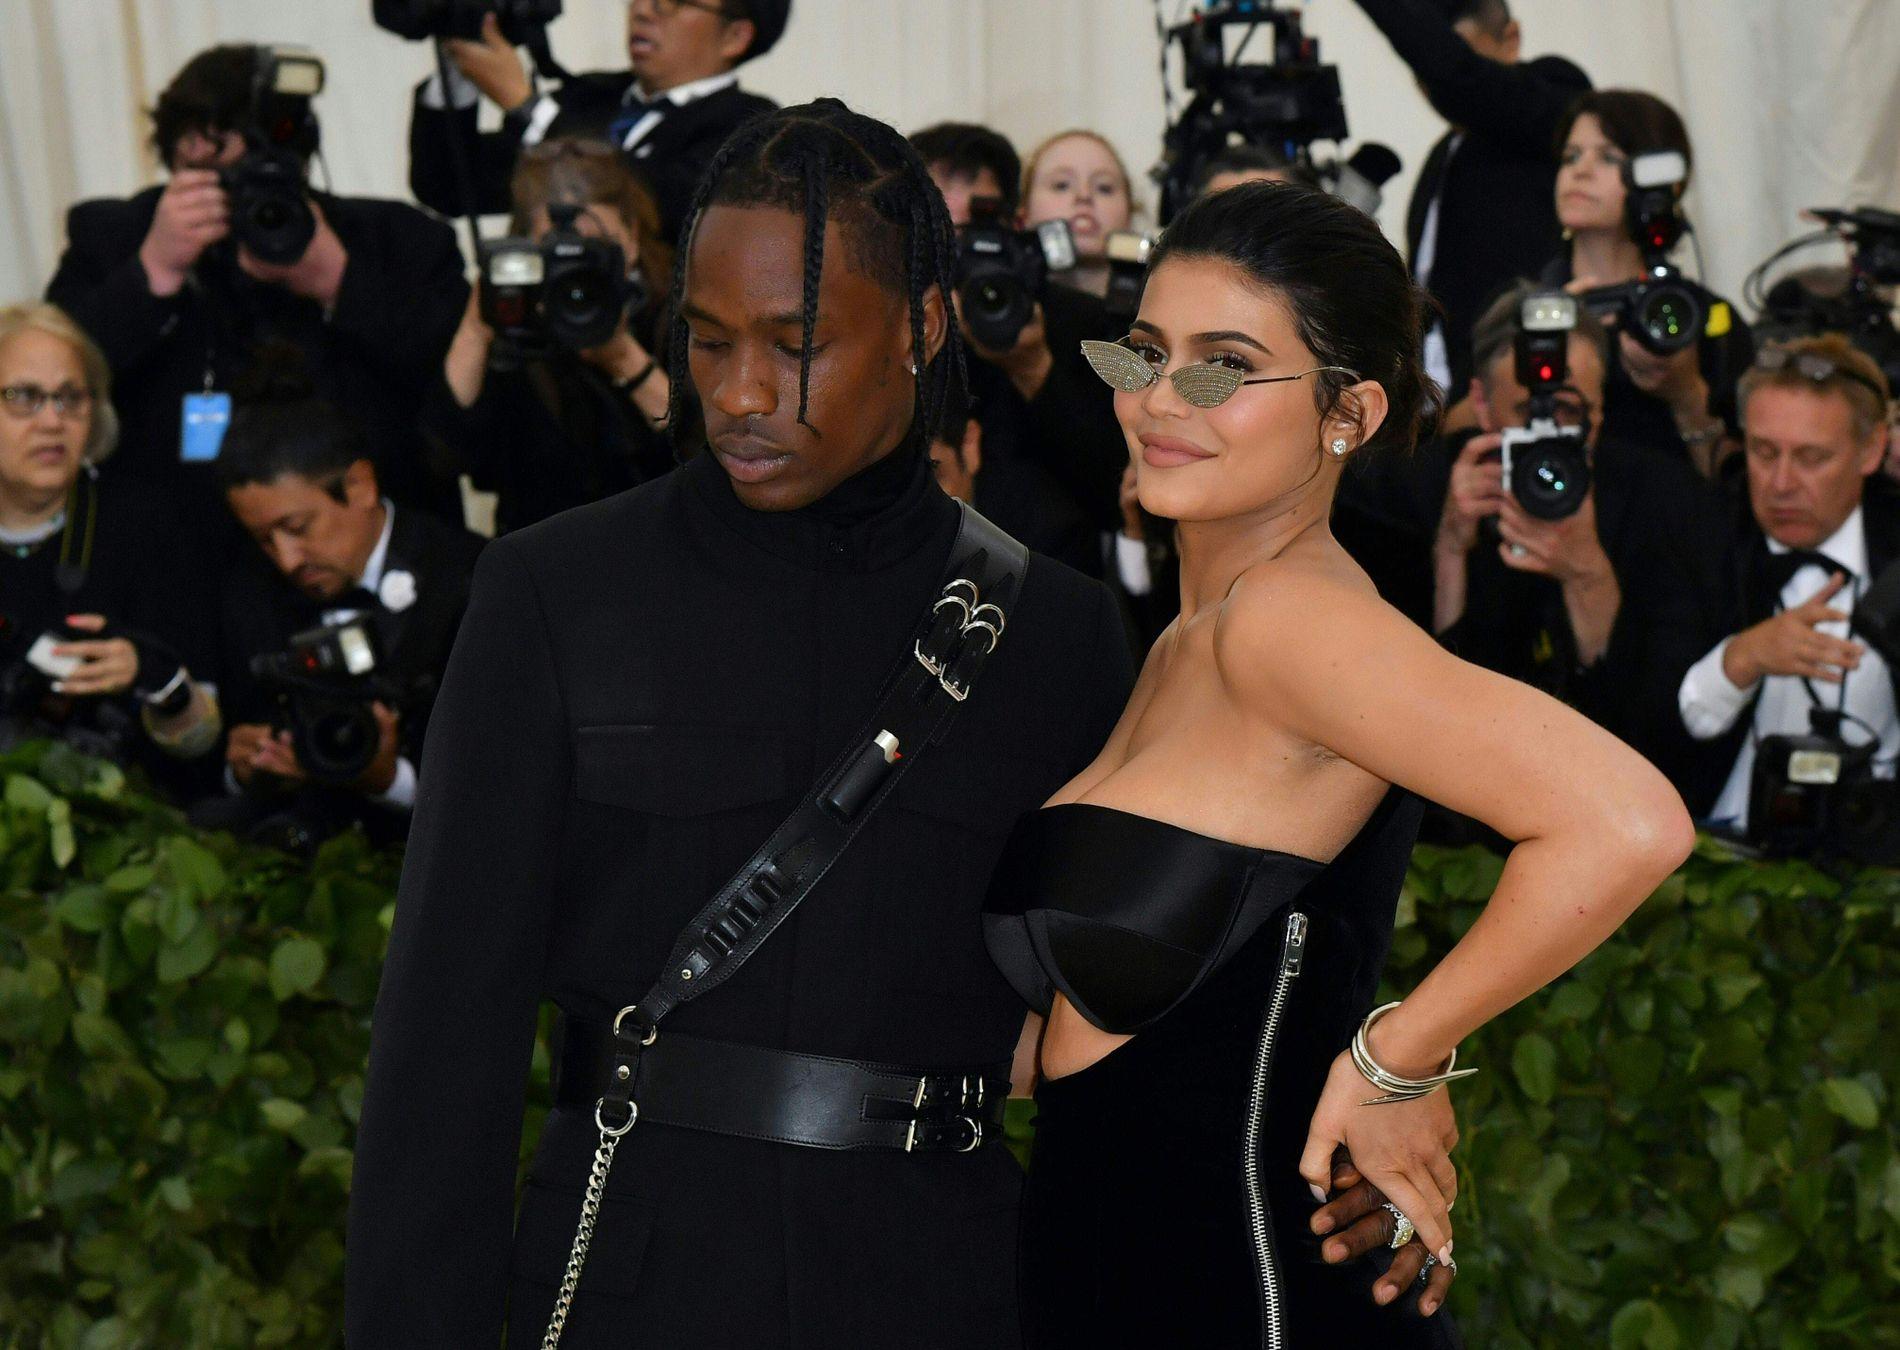 FORELDRE: Kylie Jenner (21) og Travis Scott (26) ble foreldre til Stormi Webster i februar.